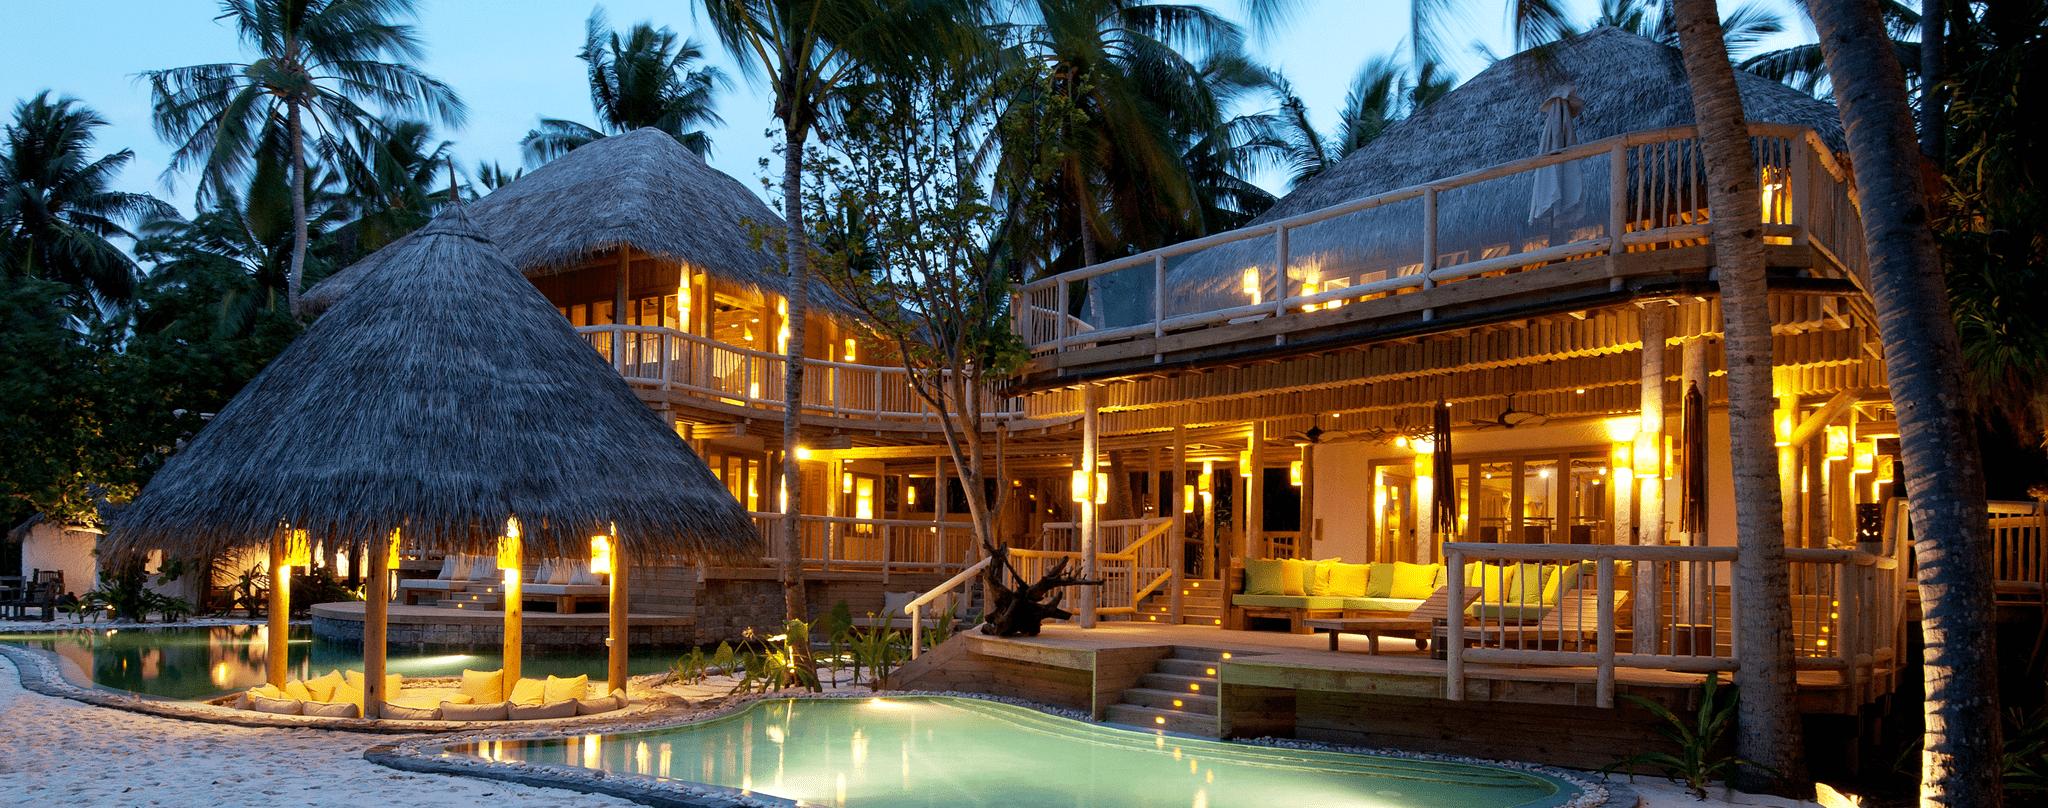 Soneva Fushi Resort, un pedacito de paraíso en la tierra